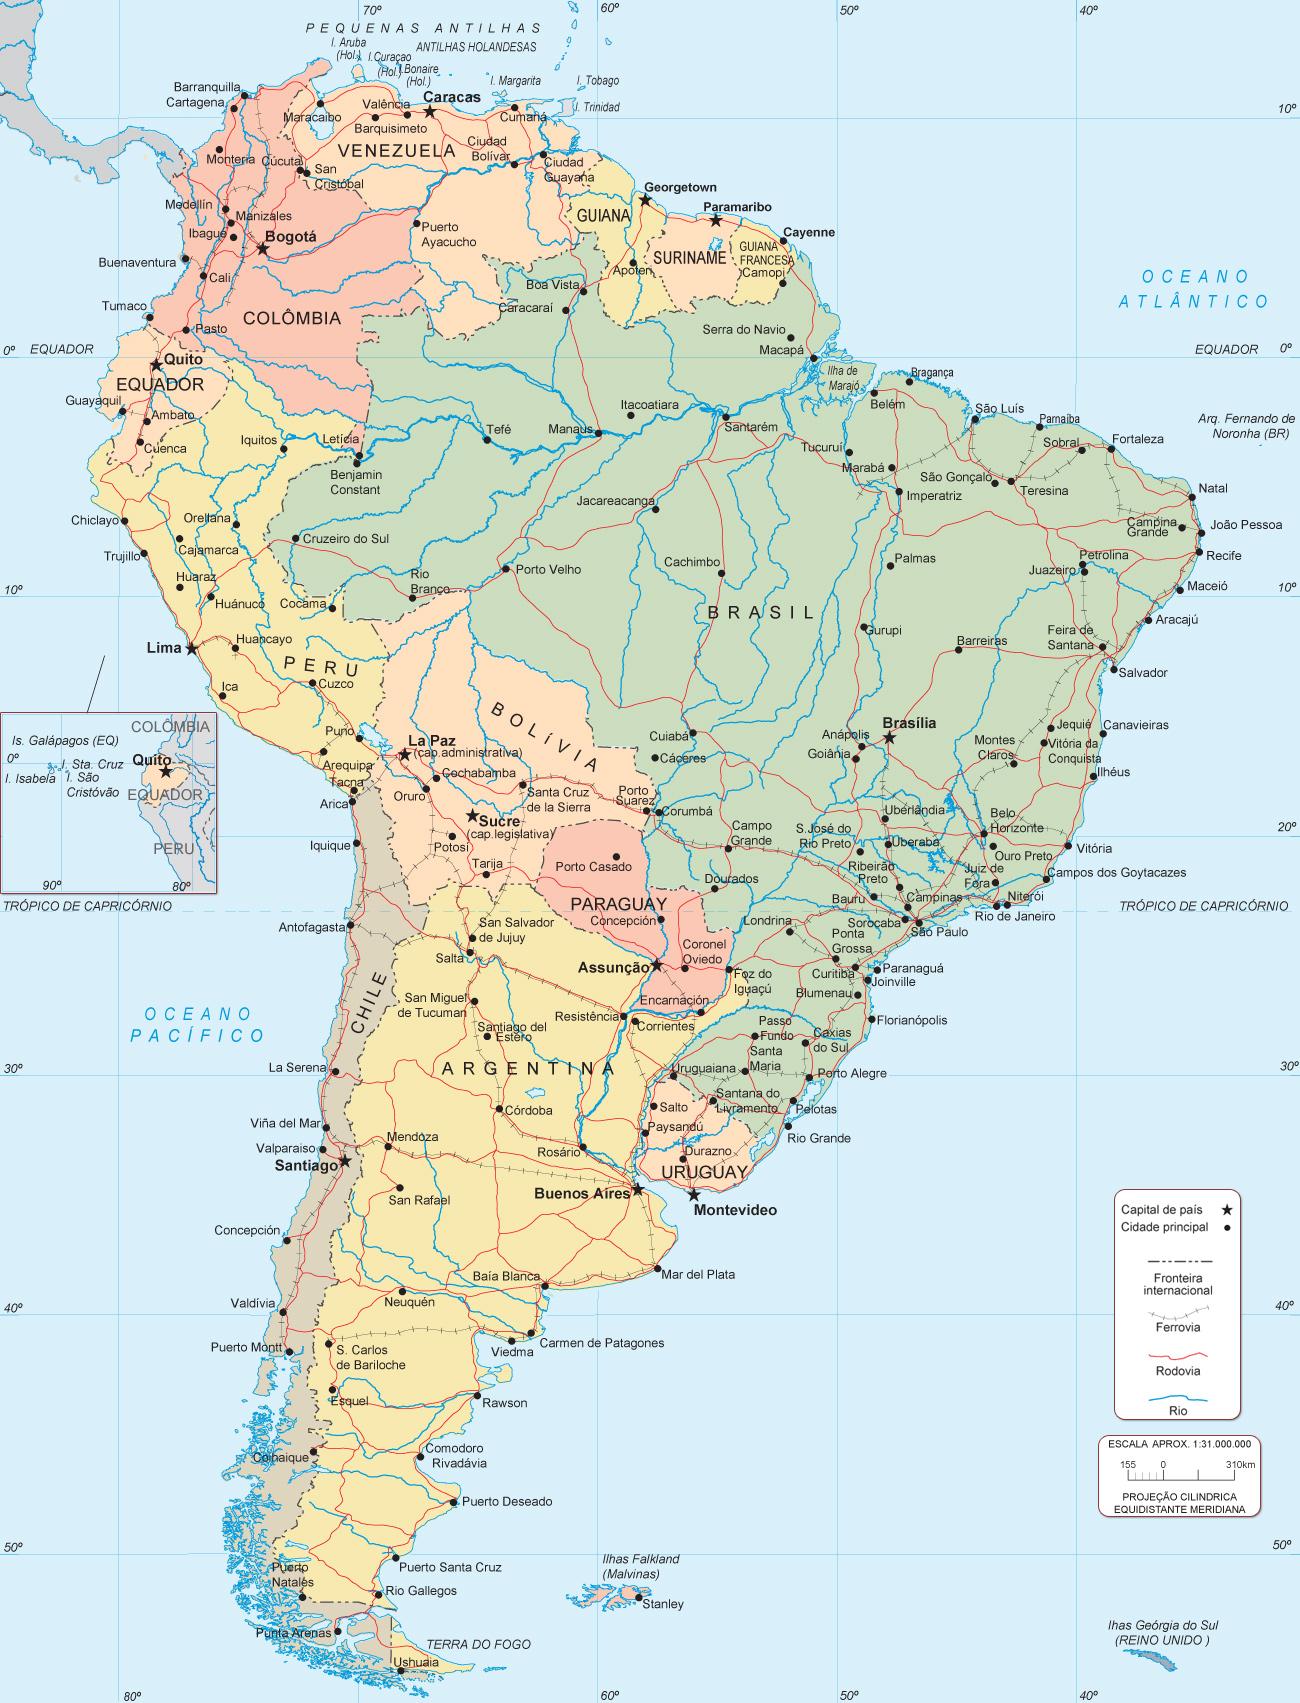 Mapa da Amrica do Sul